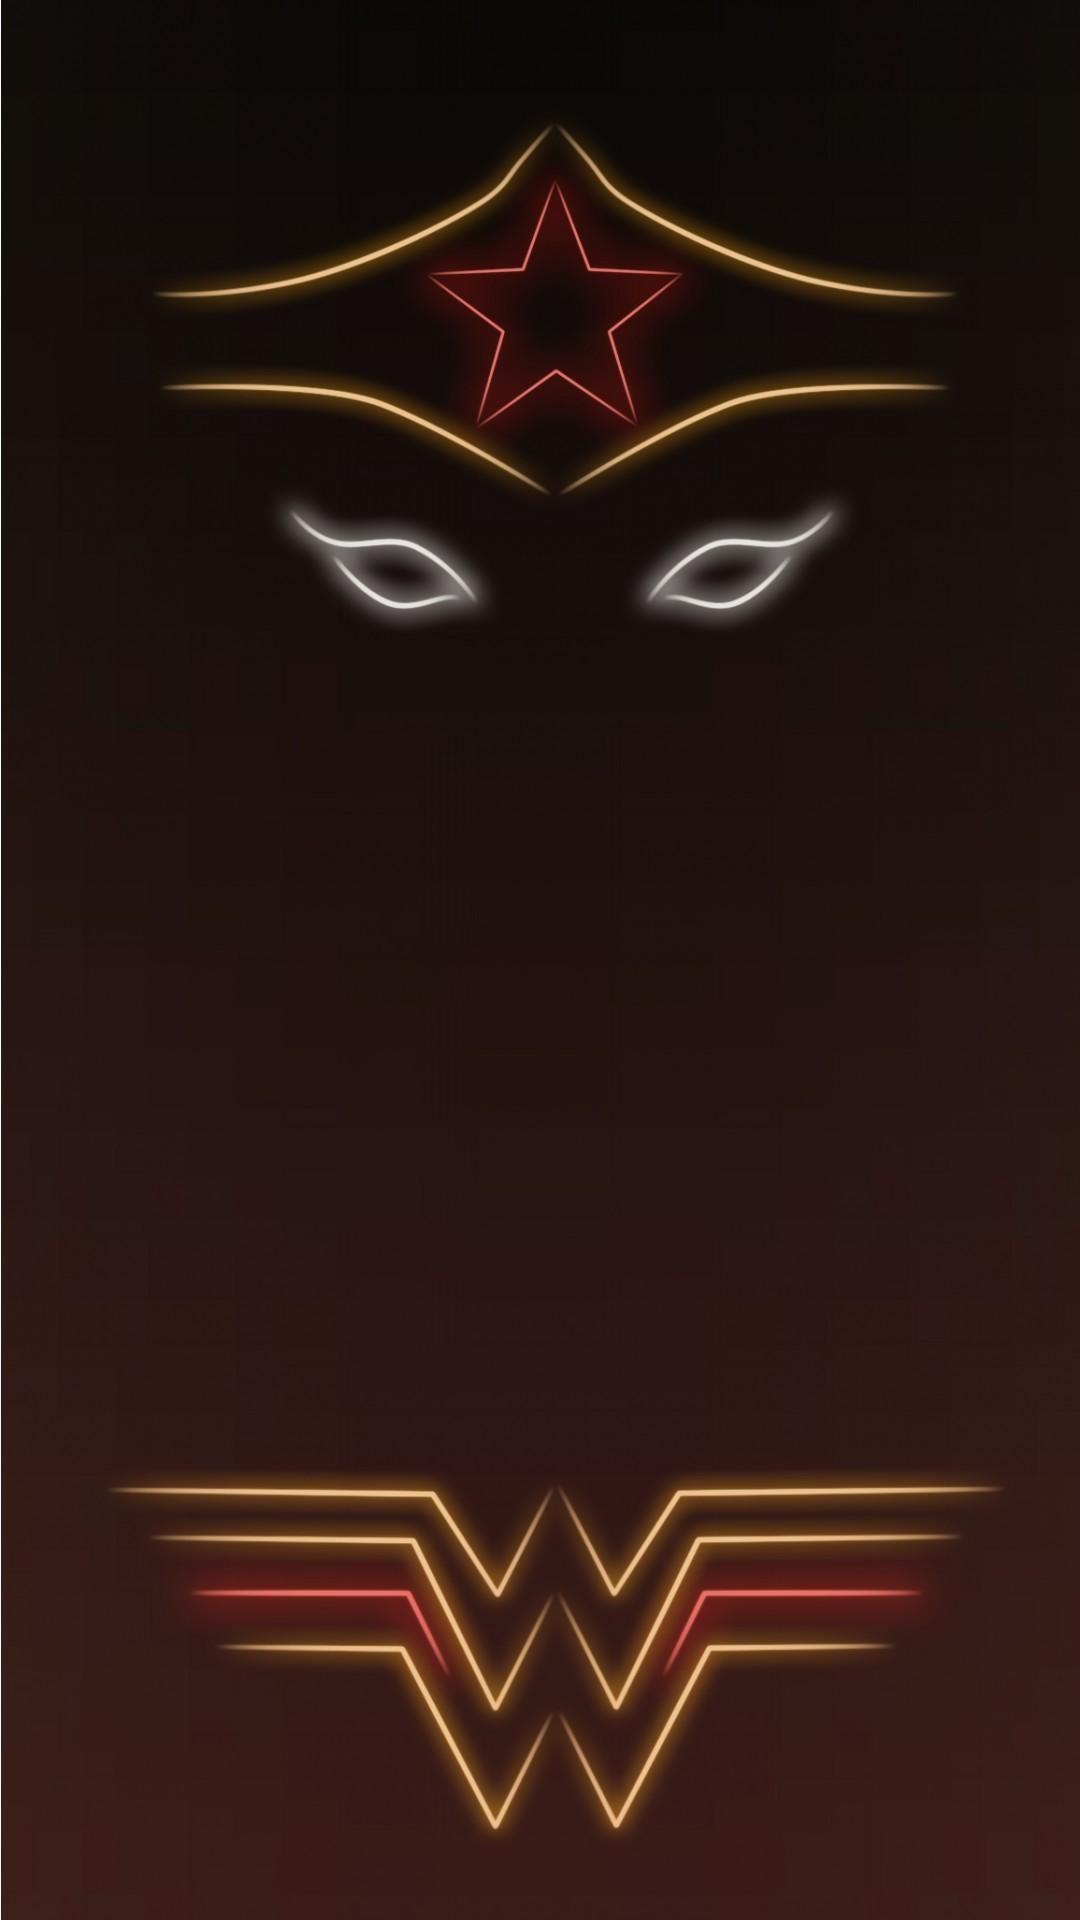 Wonder-woman.-Tap-to-see-more-Superheroes-Glow